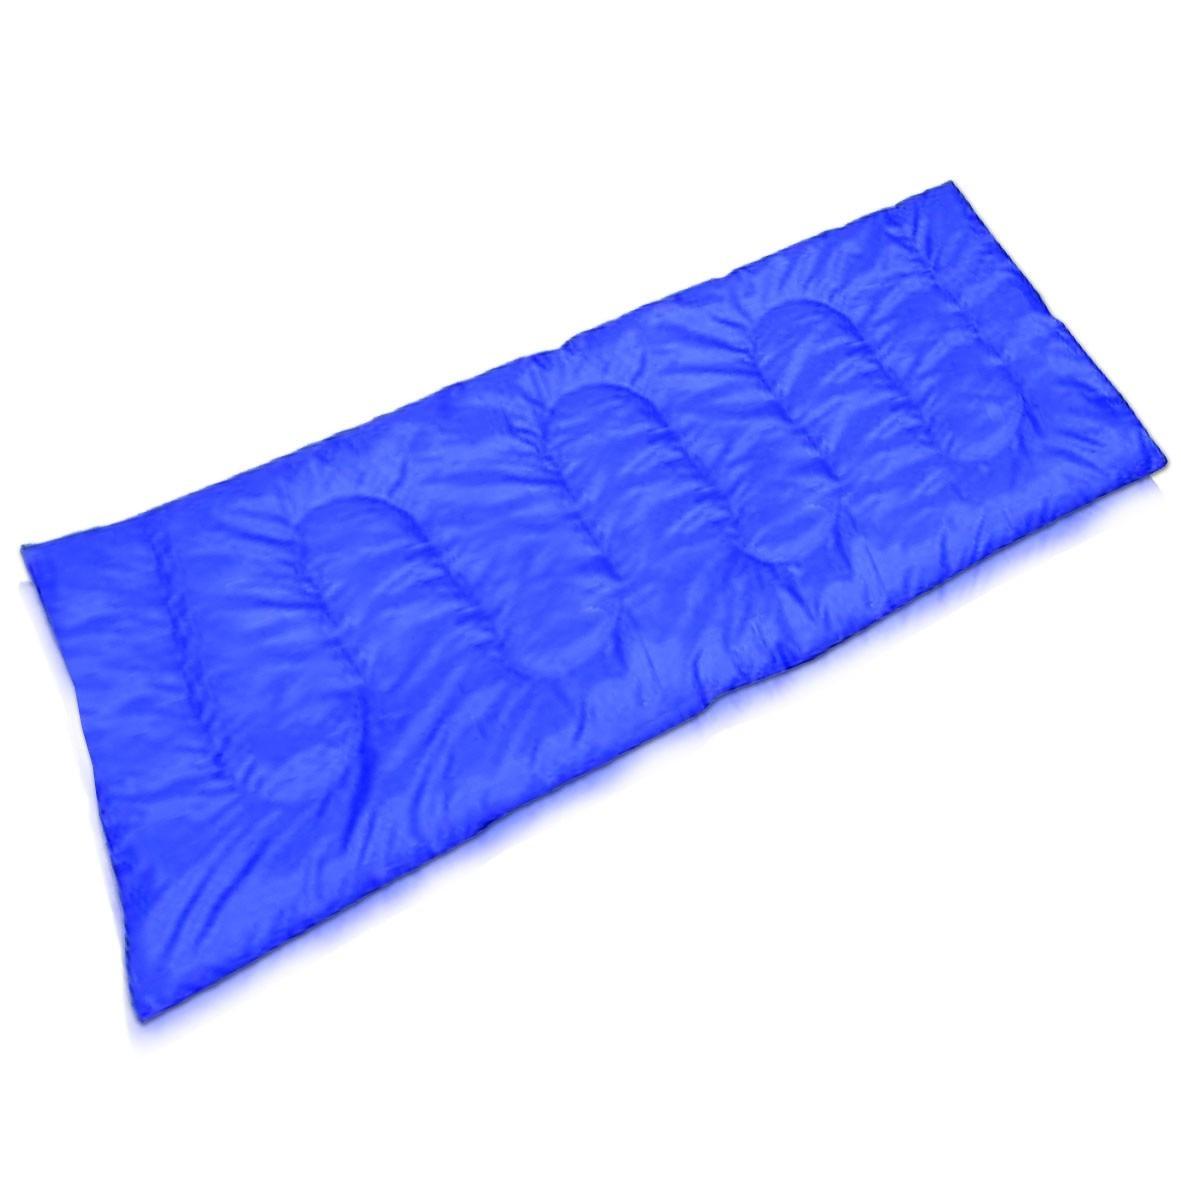 Colchones para dormir en el suelo free como ya os he adelantando arriba con un colchn puesto - Colchonetas para dormir en el suelo ...